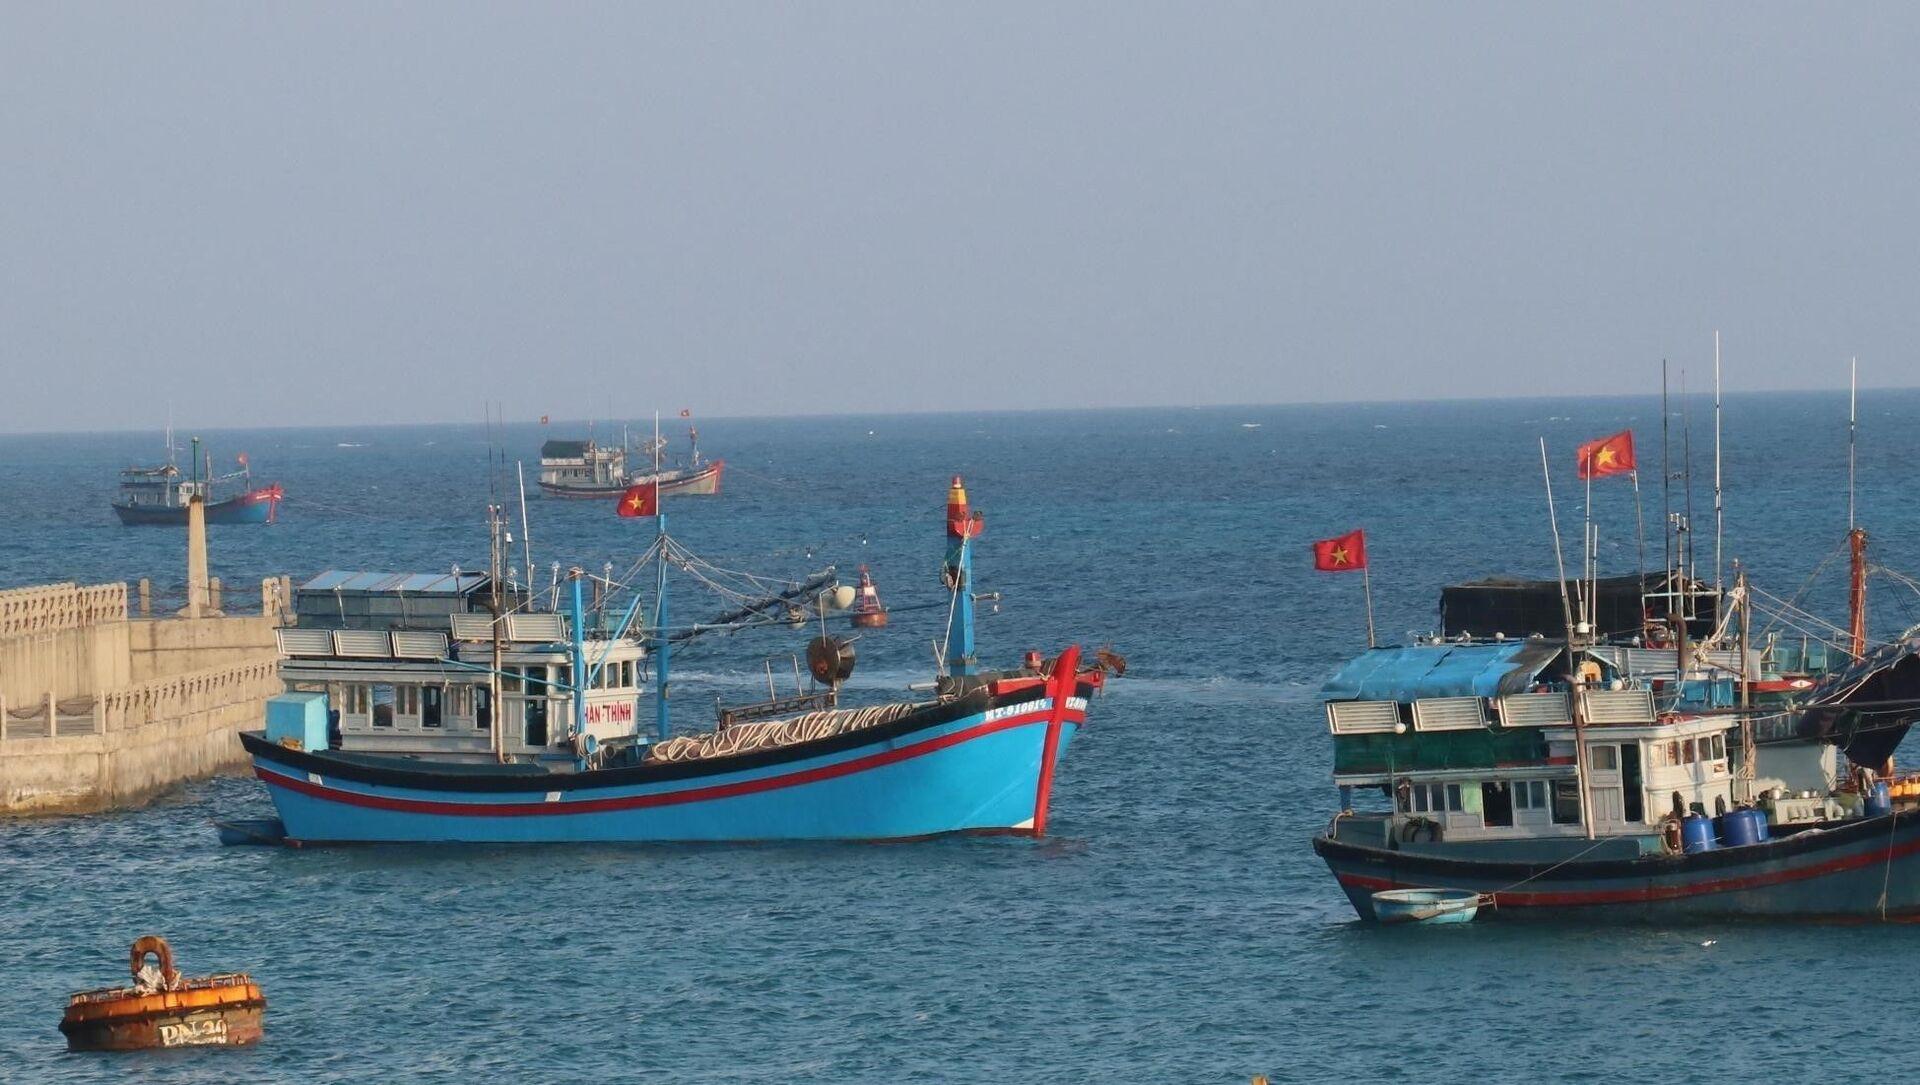 Cờ Tổ quốc tung bay phấp phới trên nóc tàu đánh cá của ngư dân Việt Nam neo đậu tại đảo Đá Tây A (quần đảo Trường Sa). - Sputnik Việt Nam, 1920, 03.06.2021